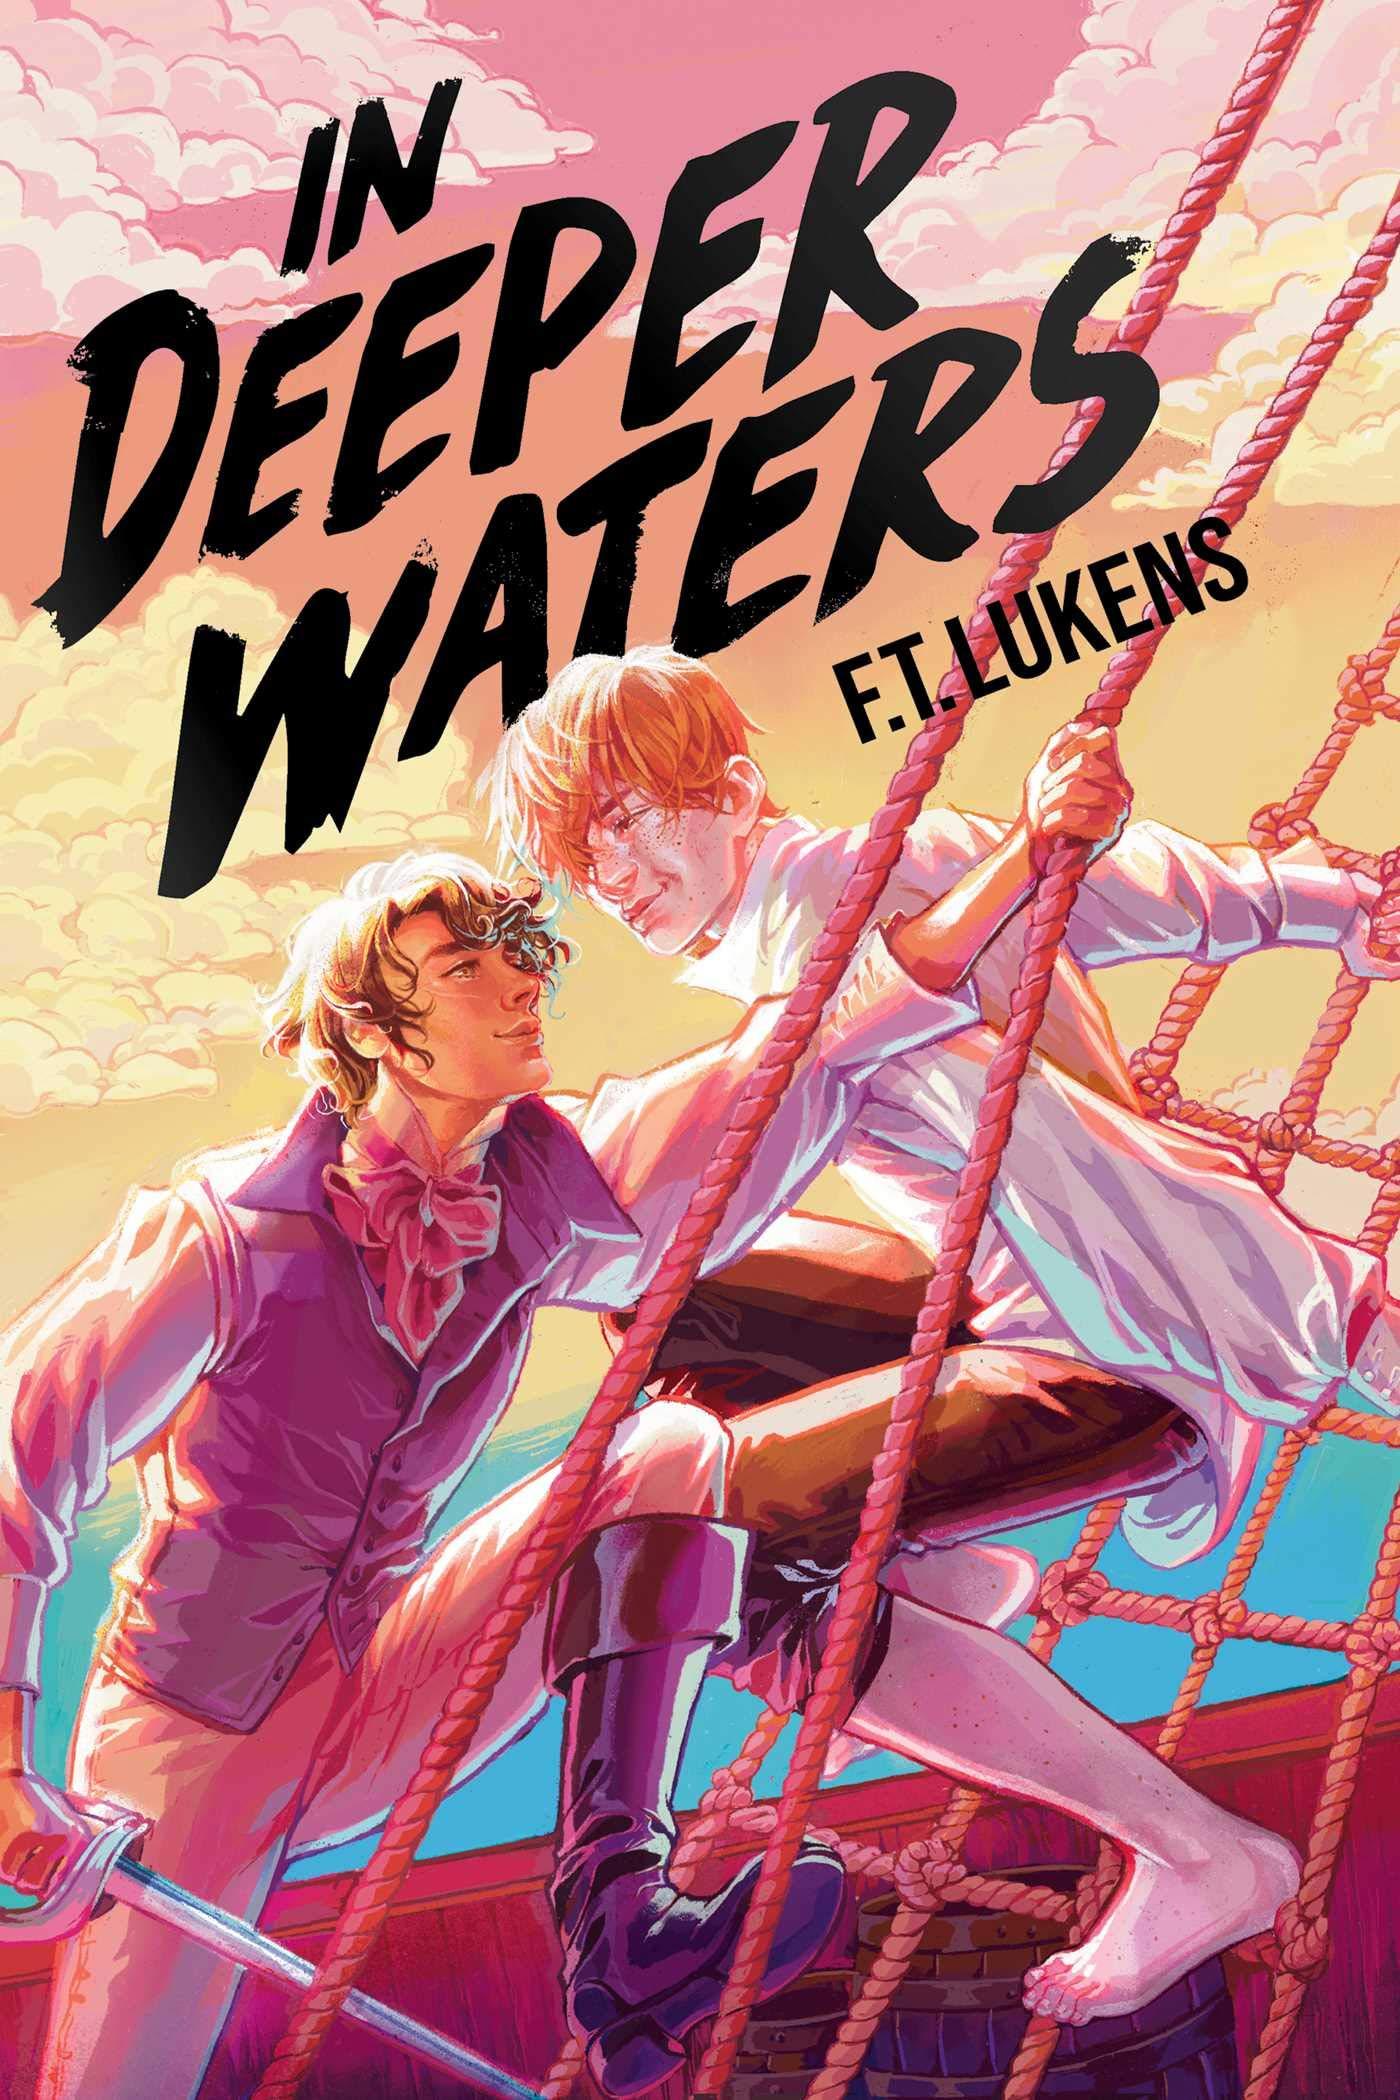 Amazon.com: In Deeper Waters (9781534480506): Lukens, F.T.: Books